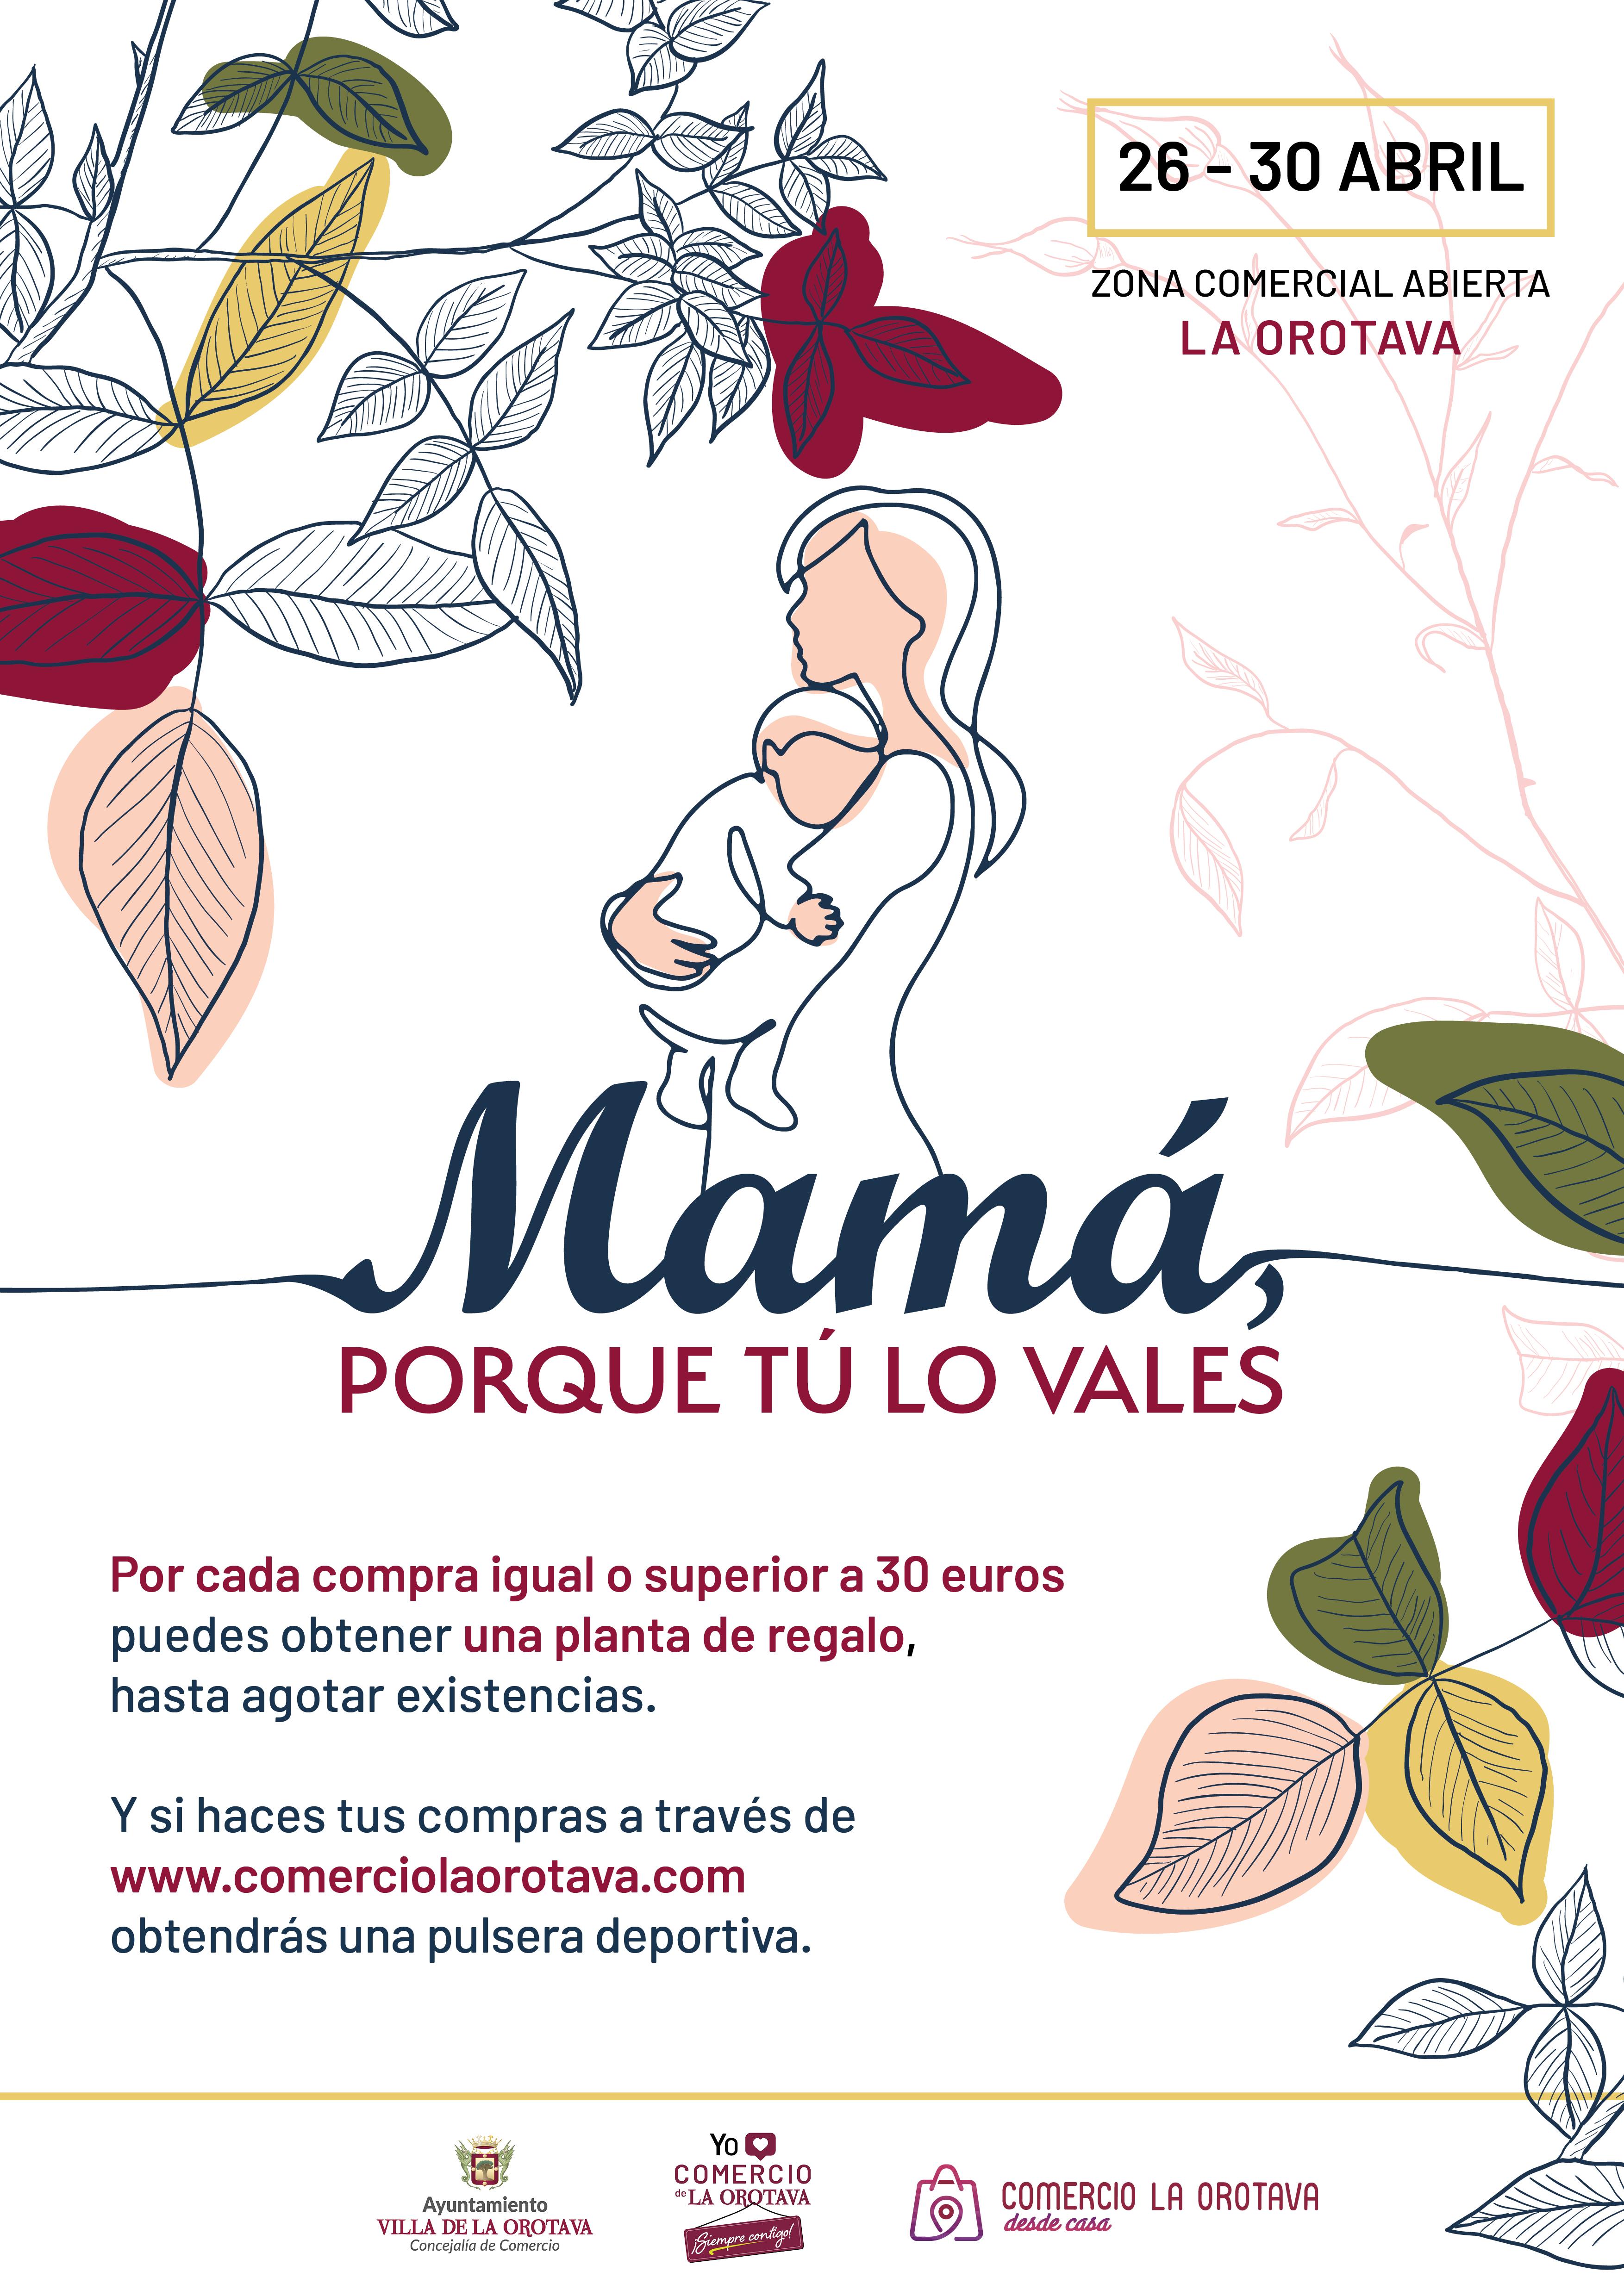 La iniciativa se desarrollará entre los días 26 y 30 de abril y tiene como objetivo dinamizar el comercio local aprovechando la celebración del 'Día de la Madre'